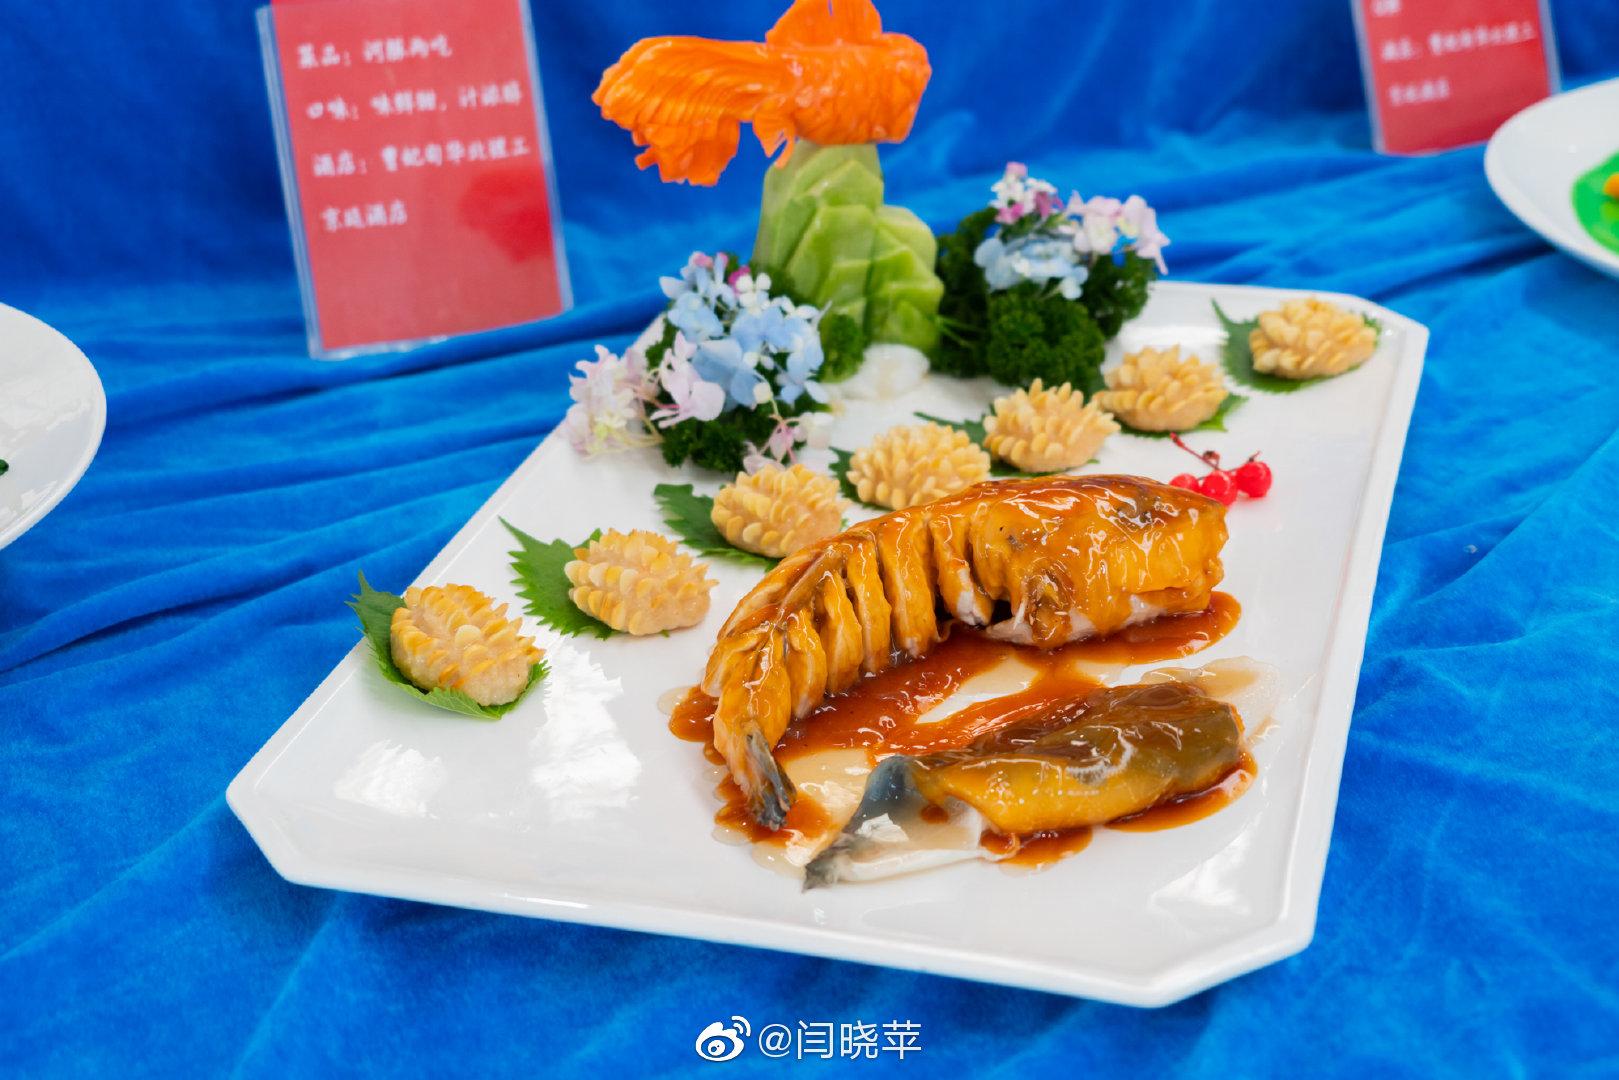 曹妃甸举办的第二届国际河豚美食节的开幕式上我看到了大量的佳肴